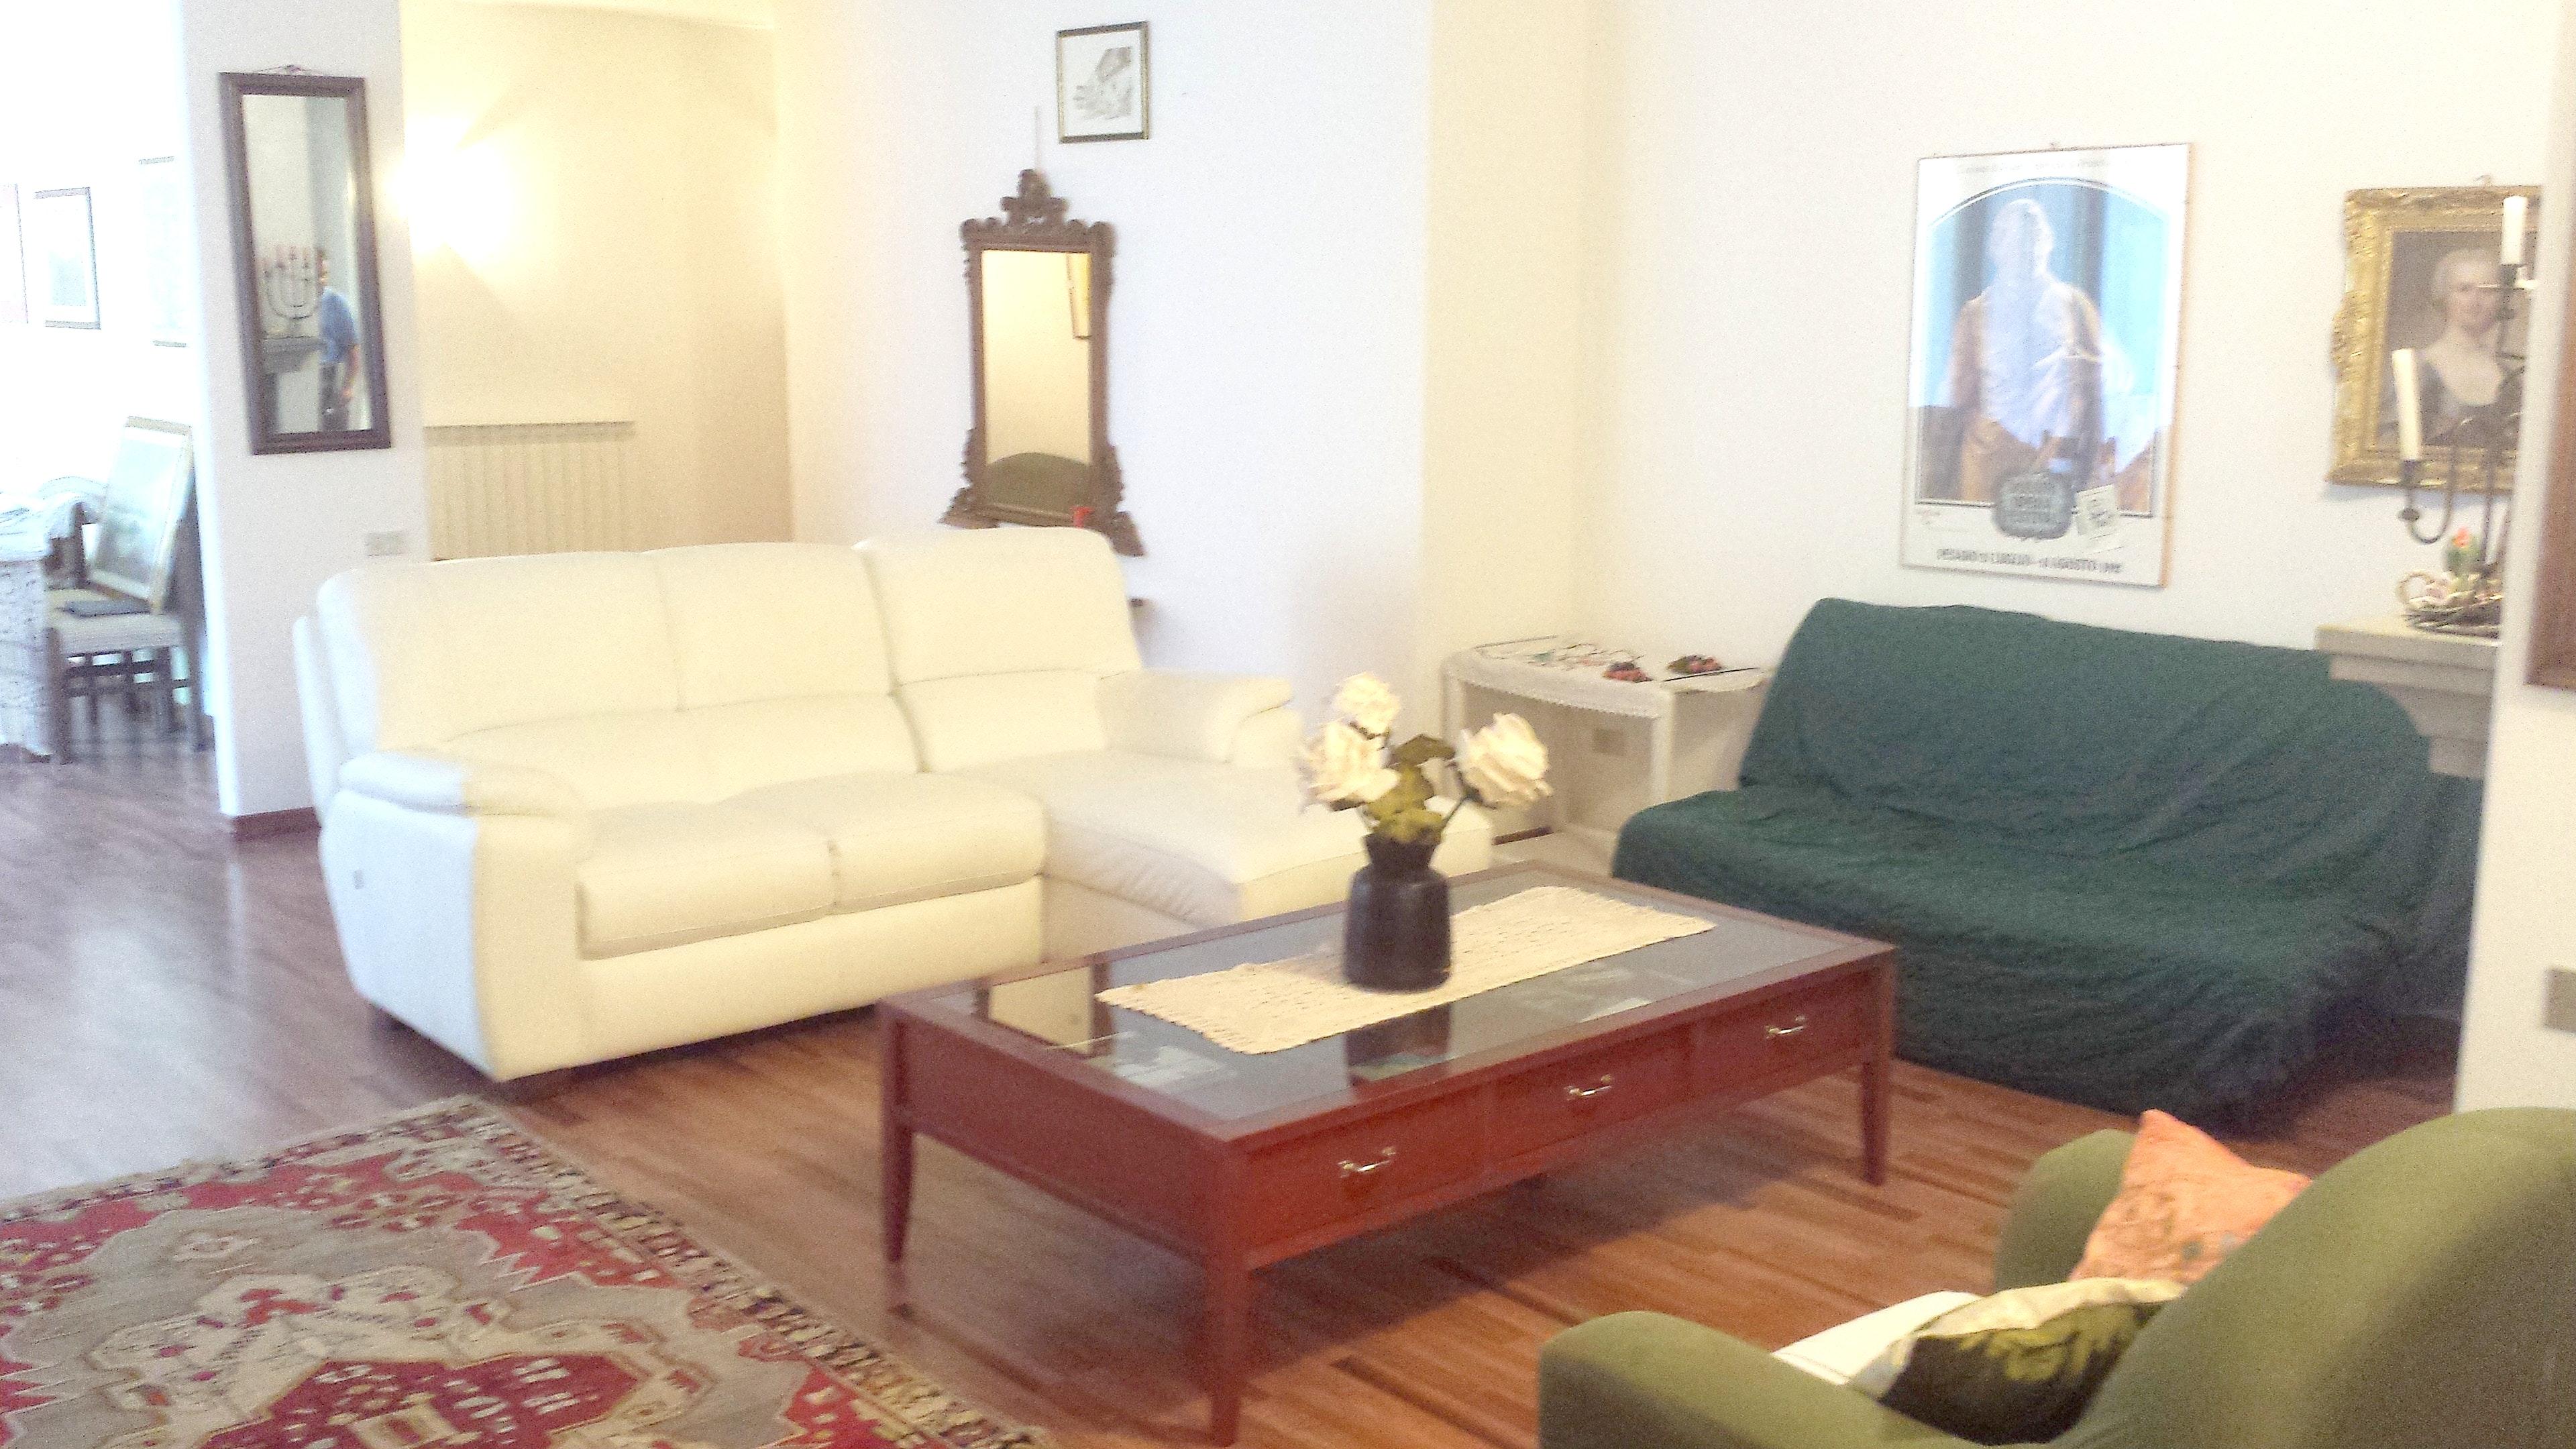 Ferienwohnung Wohnung mit 3 Schlafzimmern in Pesaro mit Pool, eingezäuntem Garten und W-LAN - 4 km vom S (2339355), Pesaro, Pesaro und Urbino, Marken, Italien, Bild 5